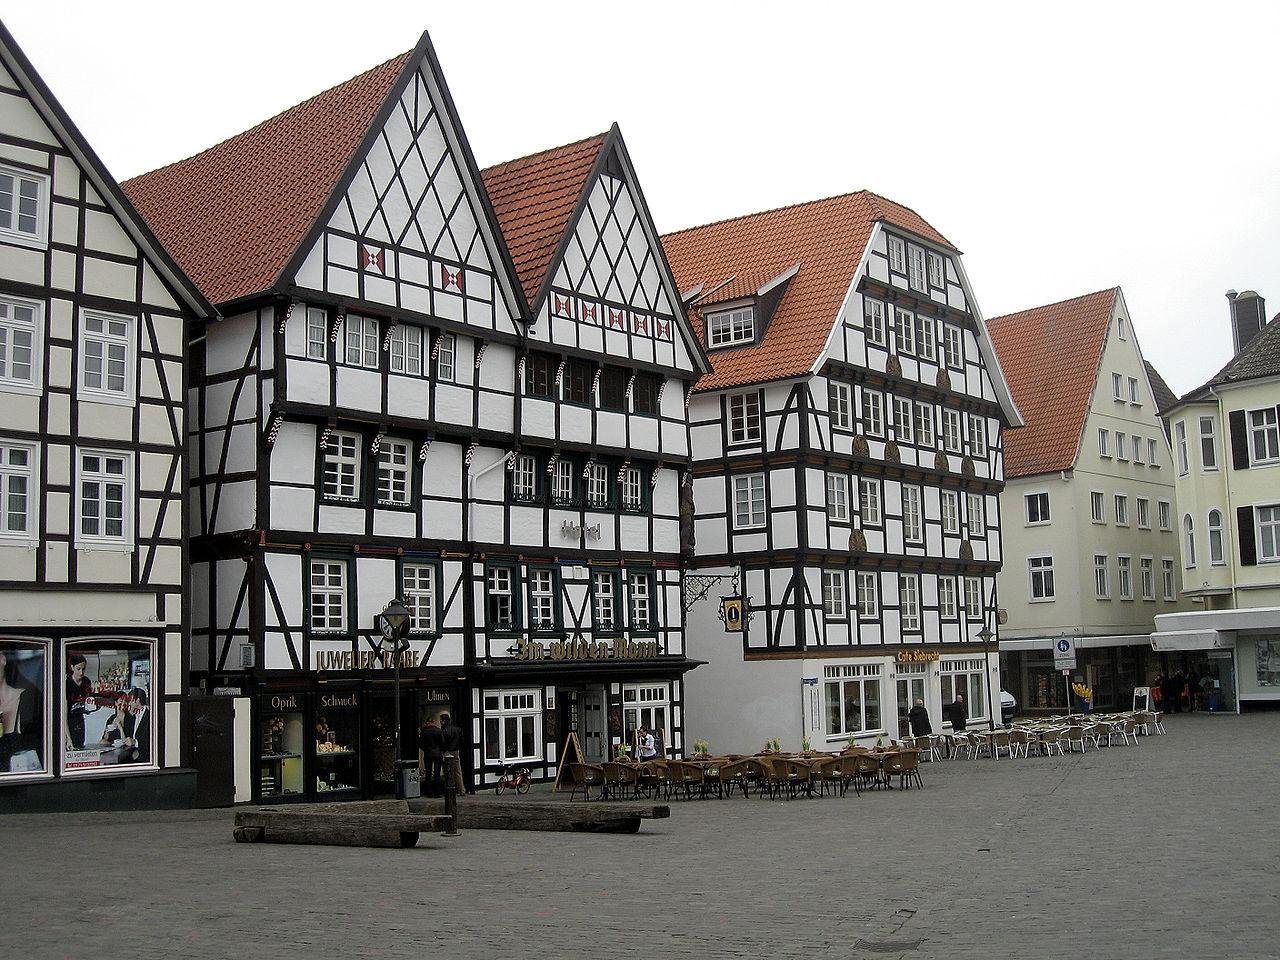 Зост, Германия: религиозные достопримечательности, что стоит посетить, советы туристам